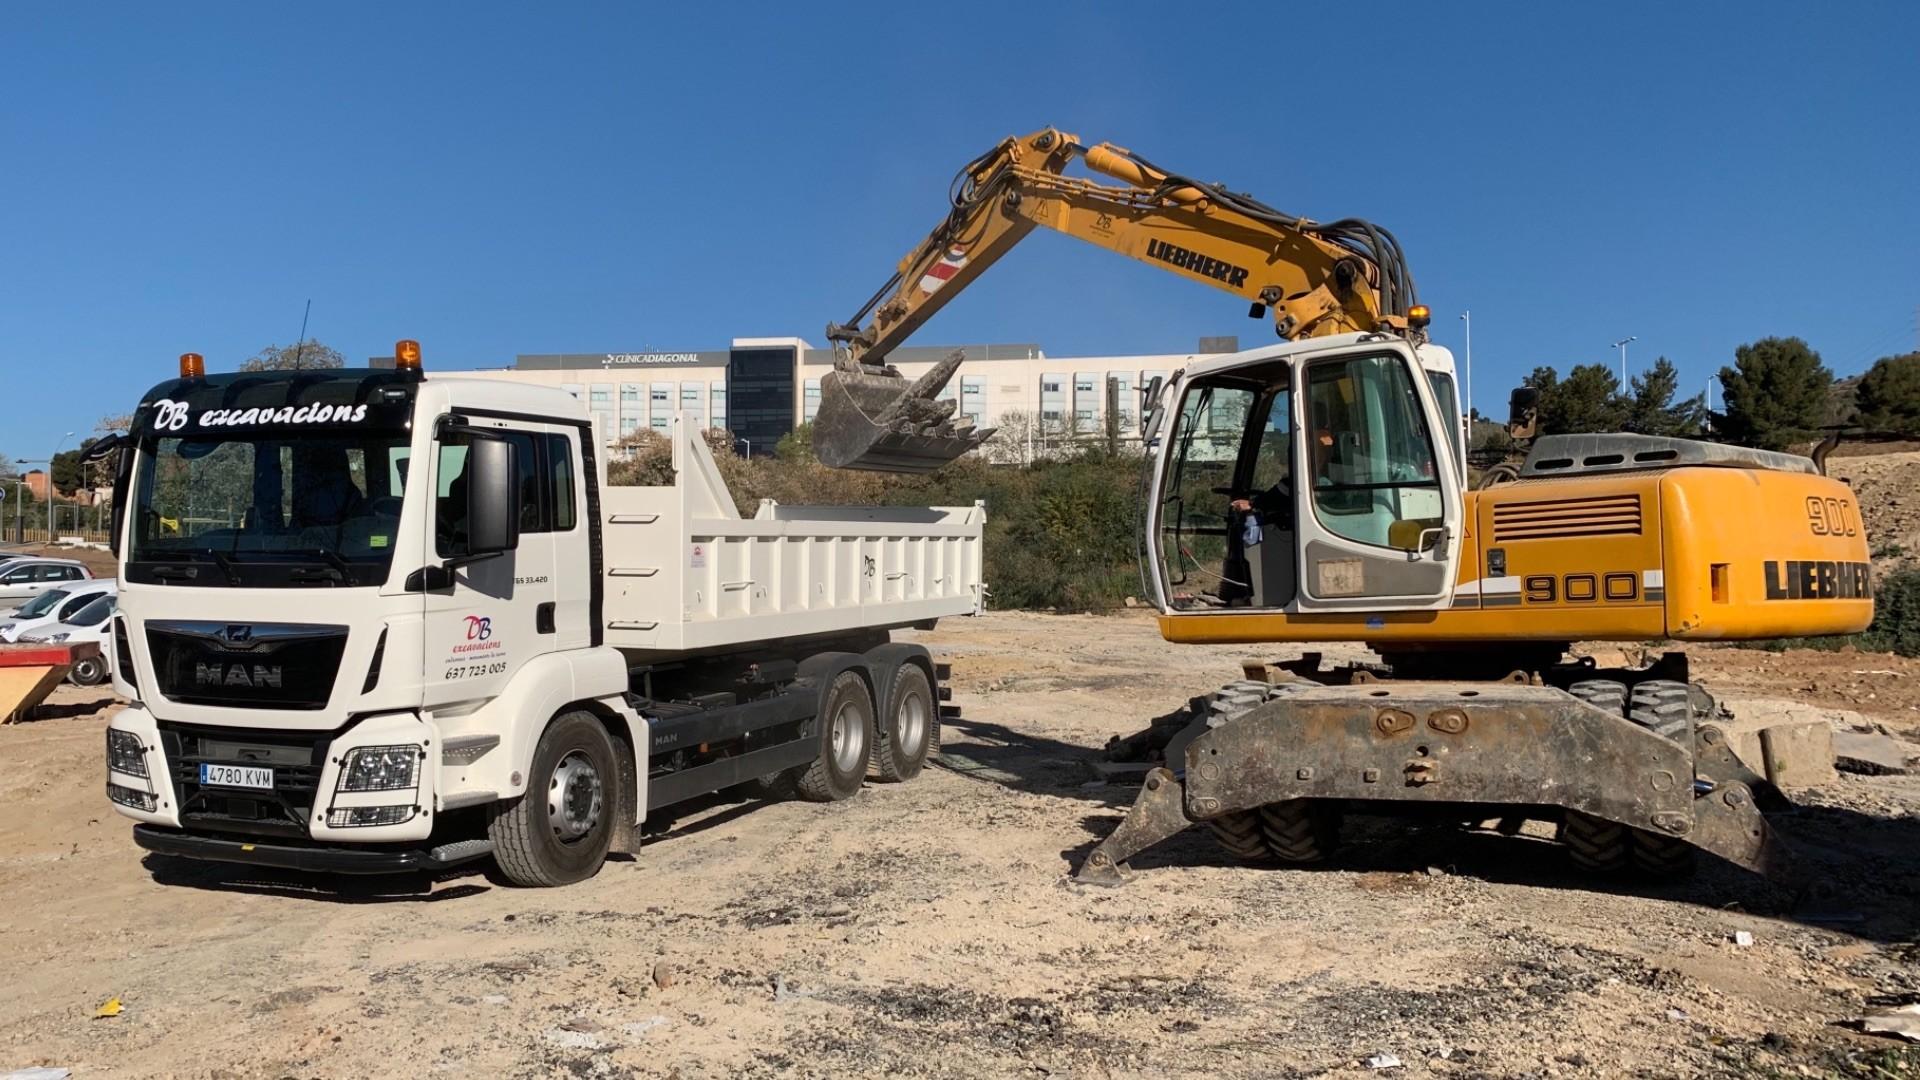 Transports i excavacions sant cugat